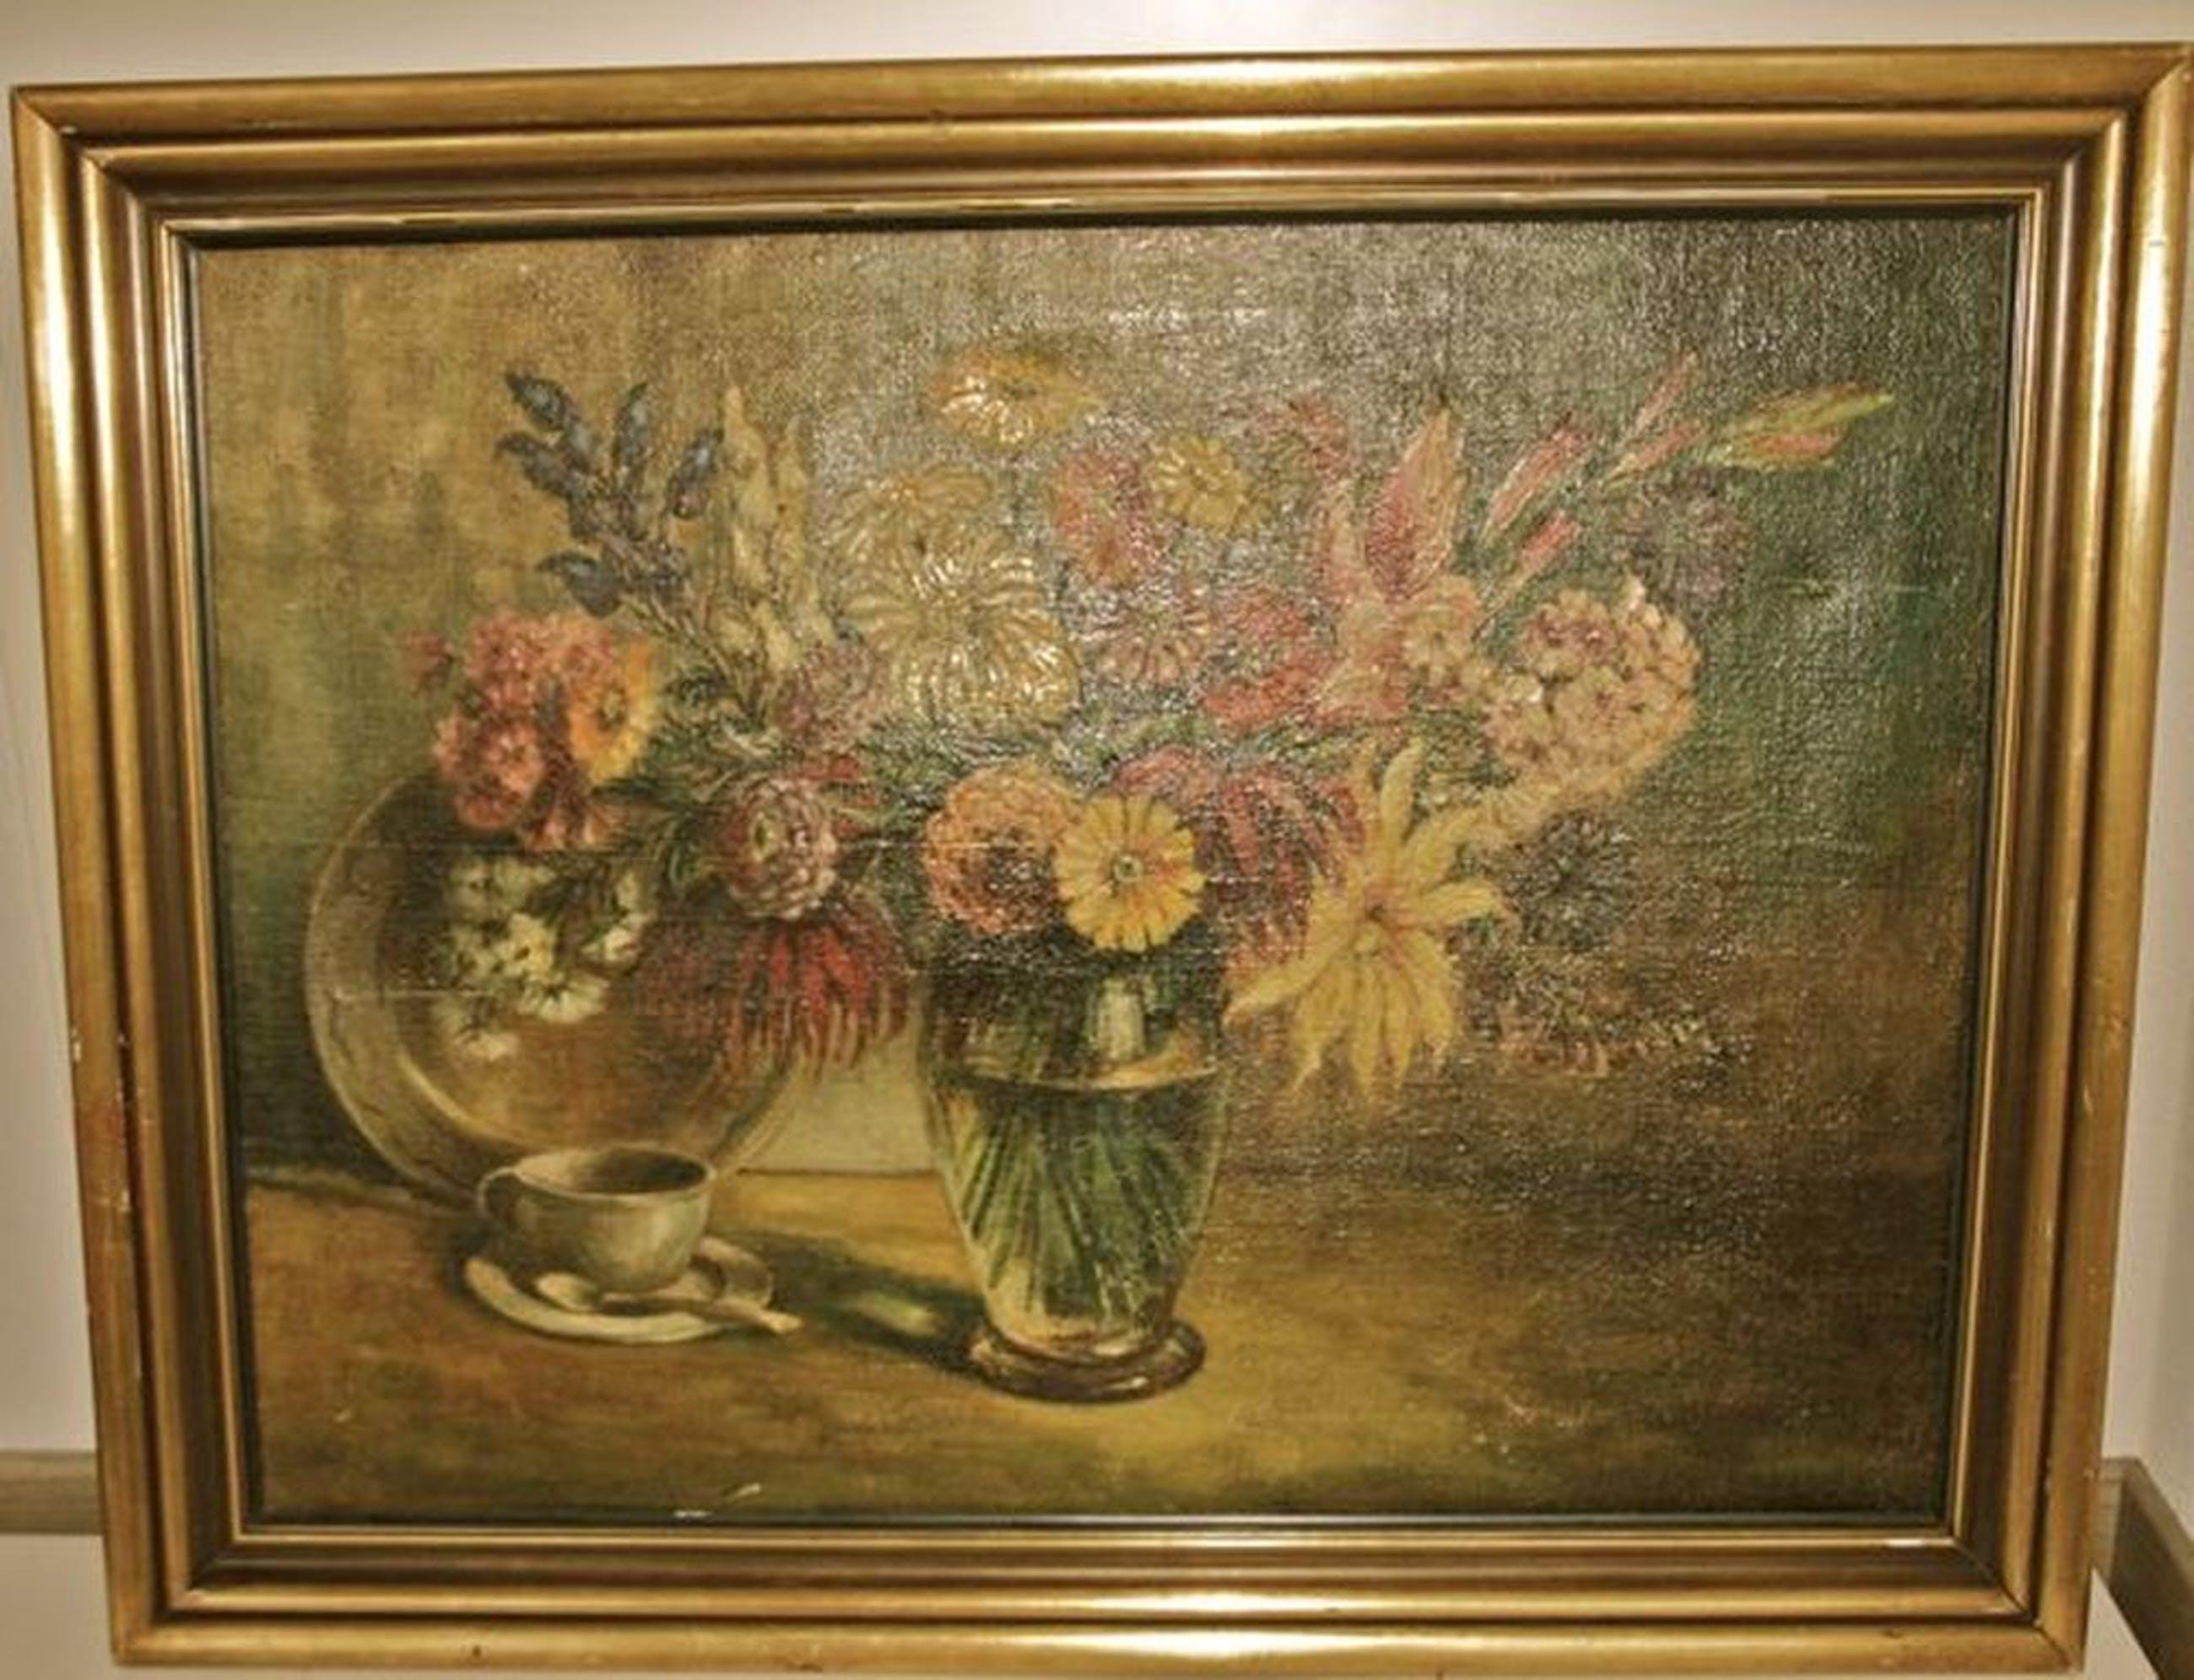 kunstenaar onbekend: Bloemstilleven kopen? Bied vanaf 10!